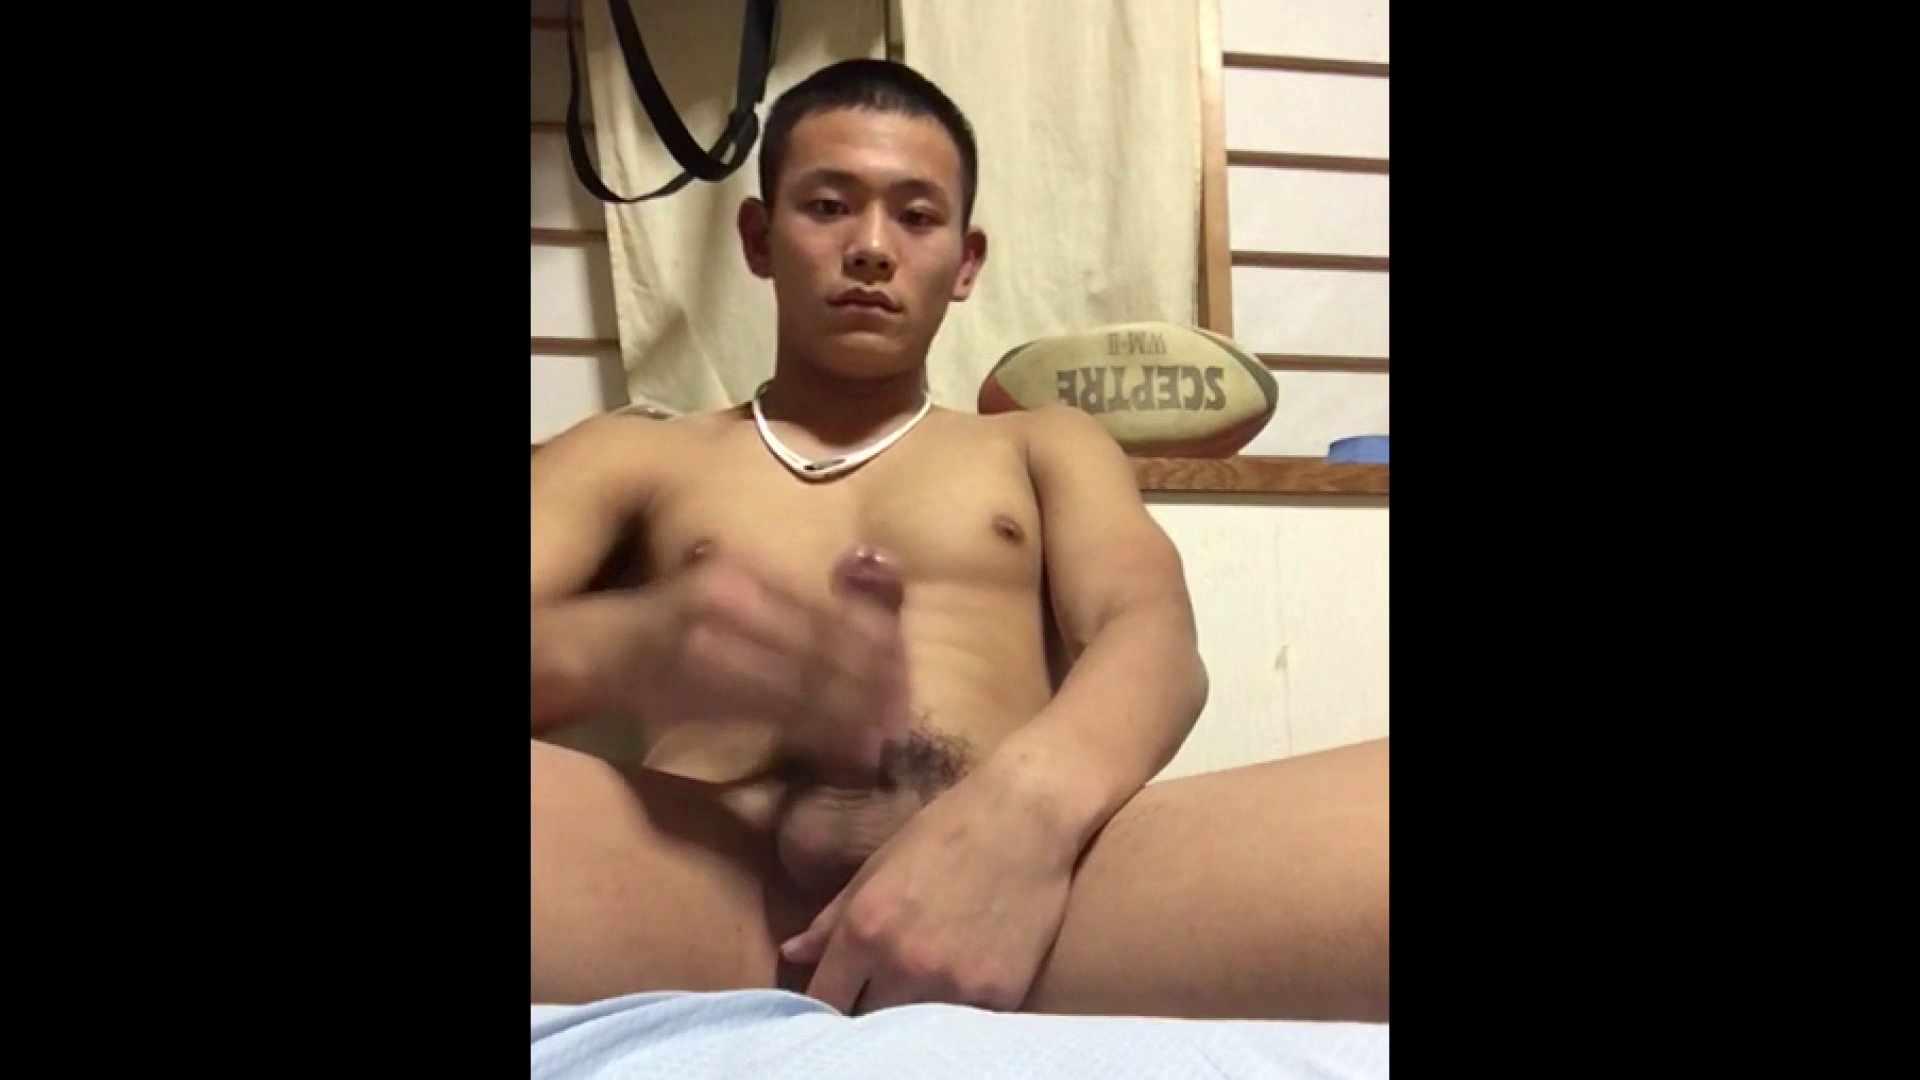 個人撮影 自慰の極意 Vol.26 ゲイの自慰 男同士画像 68pic 63